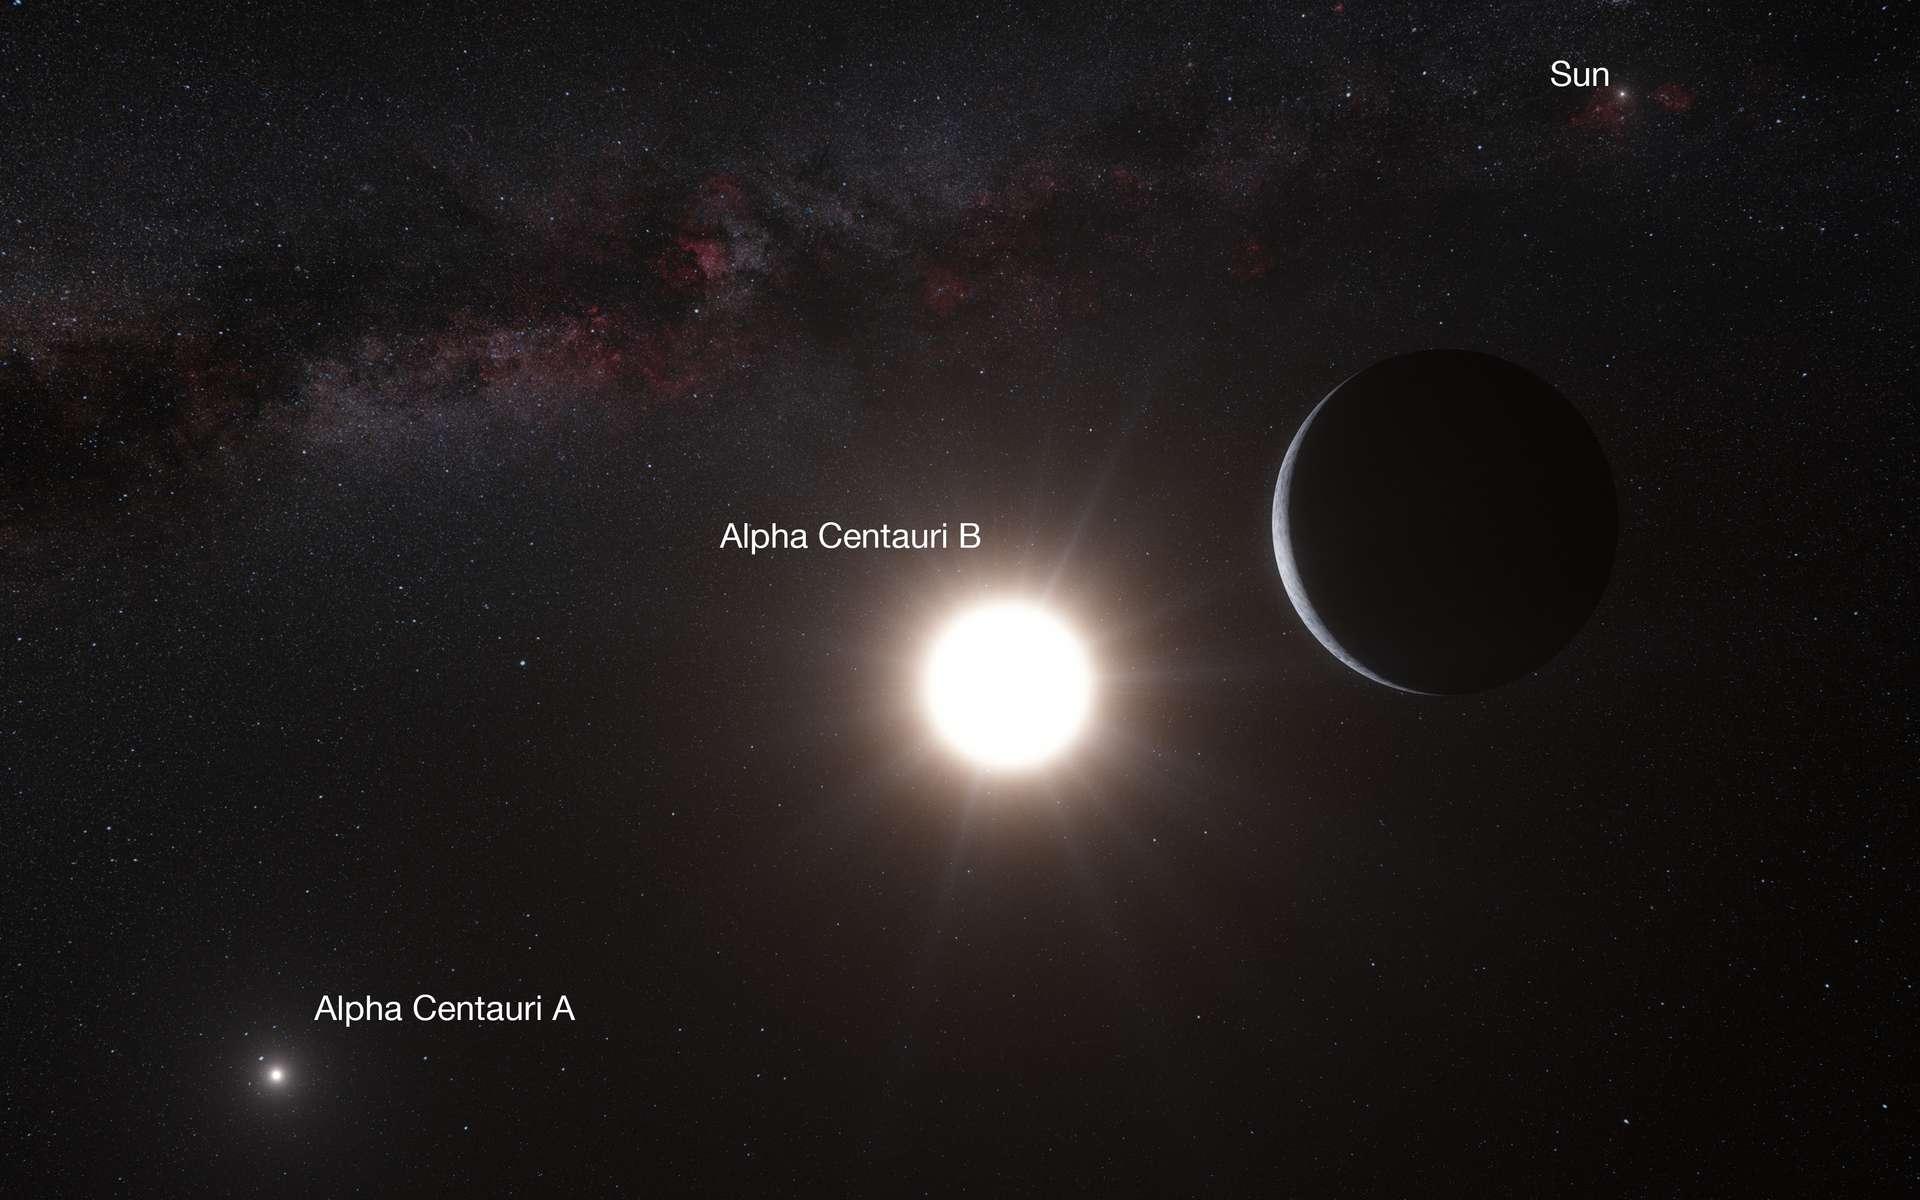 L'hypothétique exoplanète Alpha Centauri Bb. L'étoile qui brille en bas à gauche est Alpha du Centaure A. L'objet le plus brillant en haut à droite est le Soleil, distant de 4,3 années-lumière. © L. Calçada, Nick Risinger, ESO